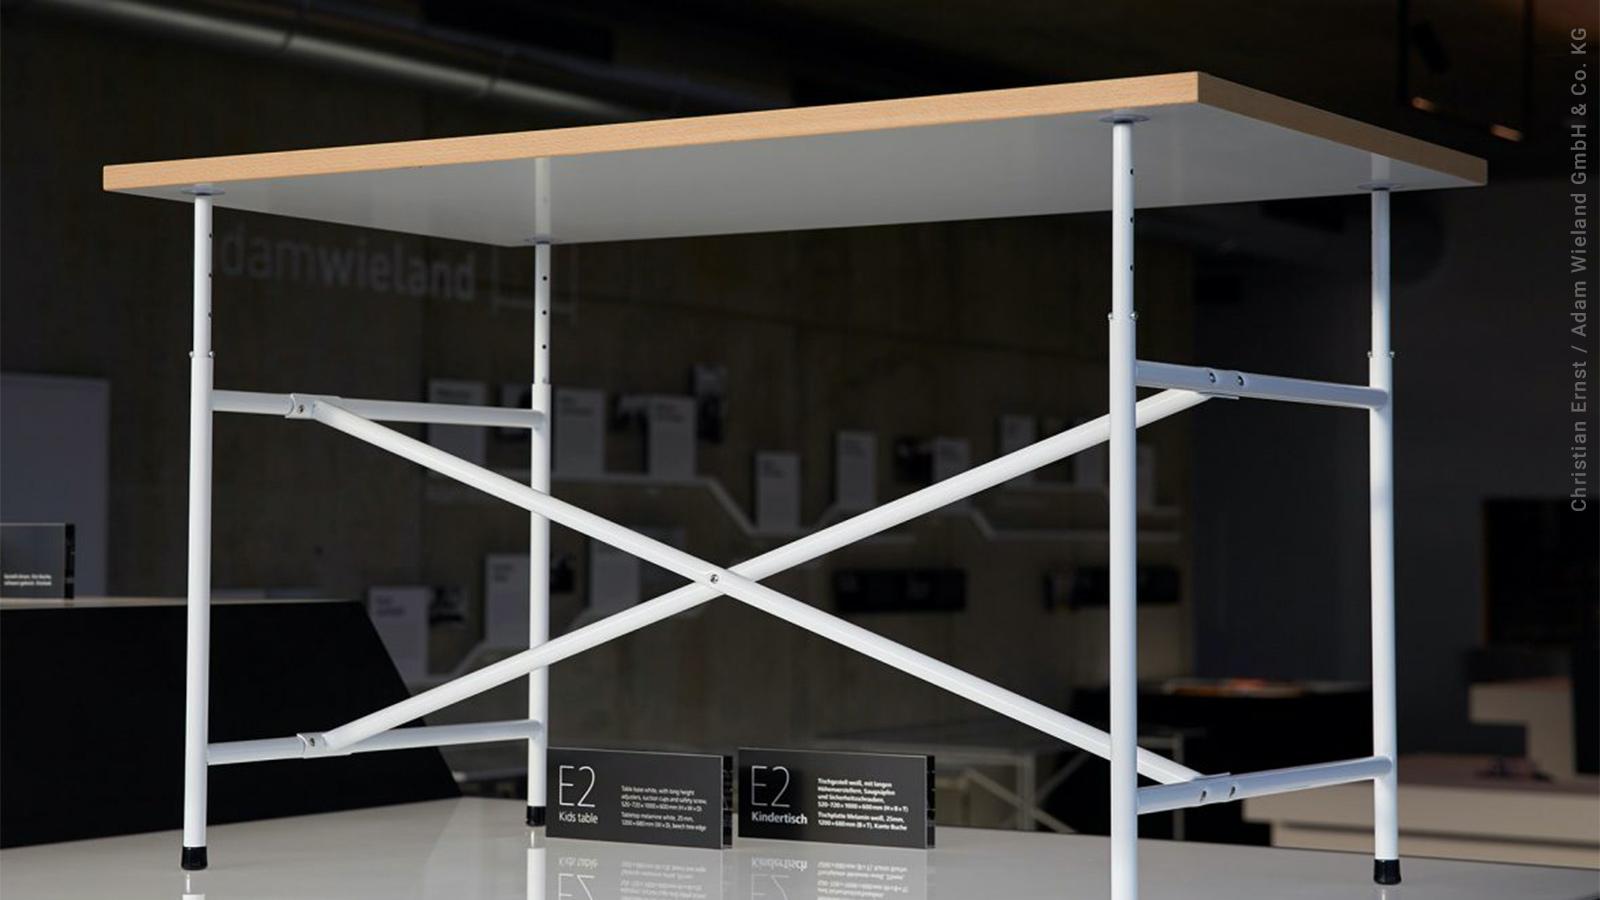 Ein Eiermann-Tisch von Adam Wieland